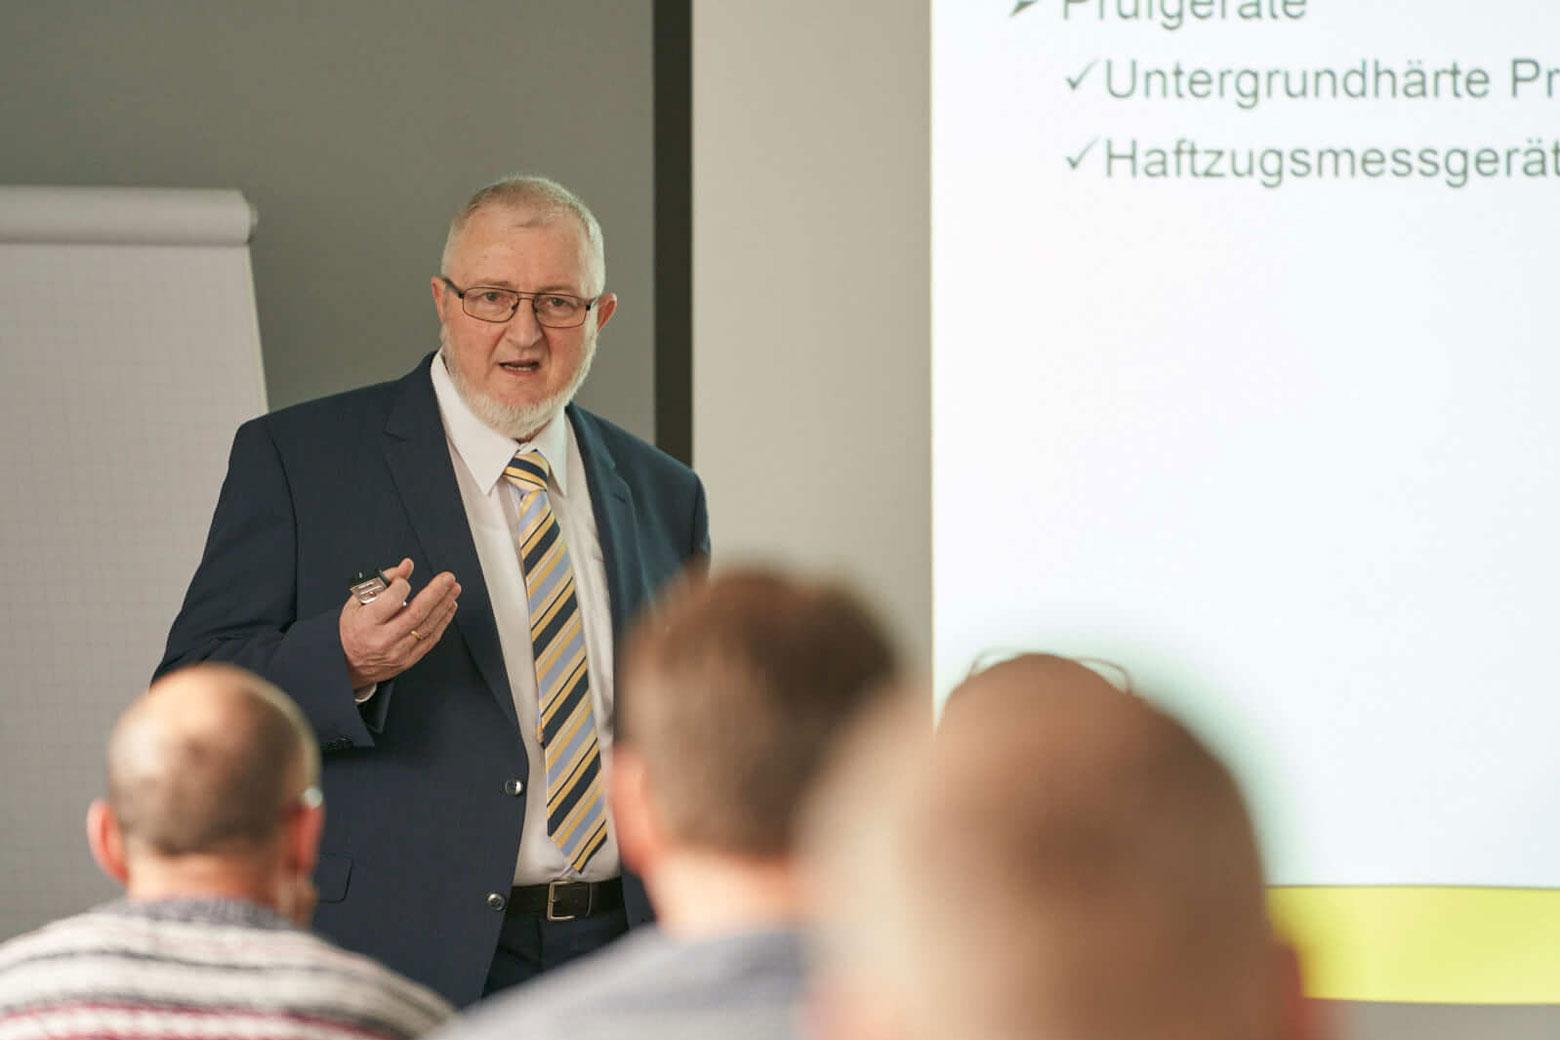 Frank Schwerin, Produktmanager SAKRET GmbH, beim Referieren zum Thema Untergrundbeurteilung und die DIN 18175.